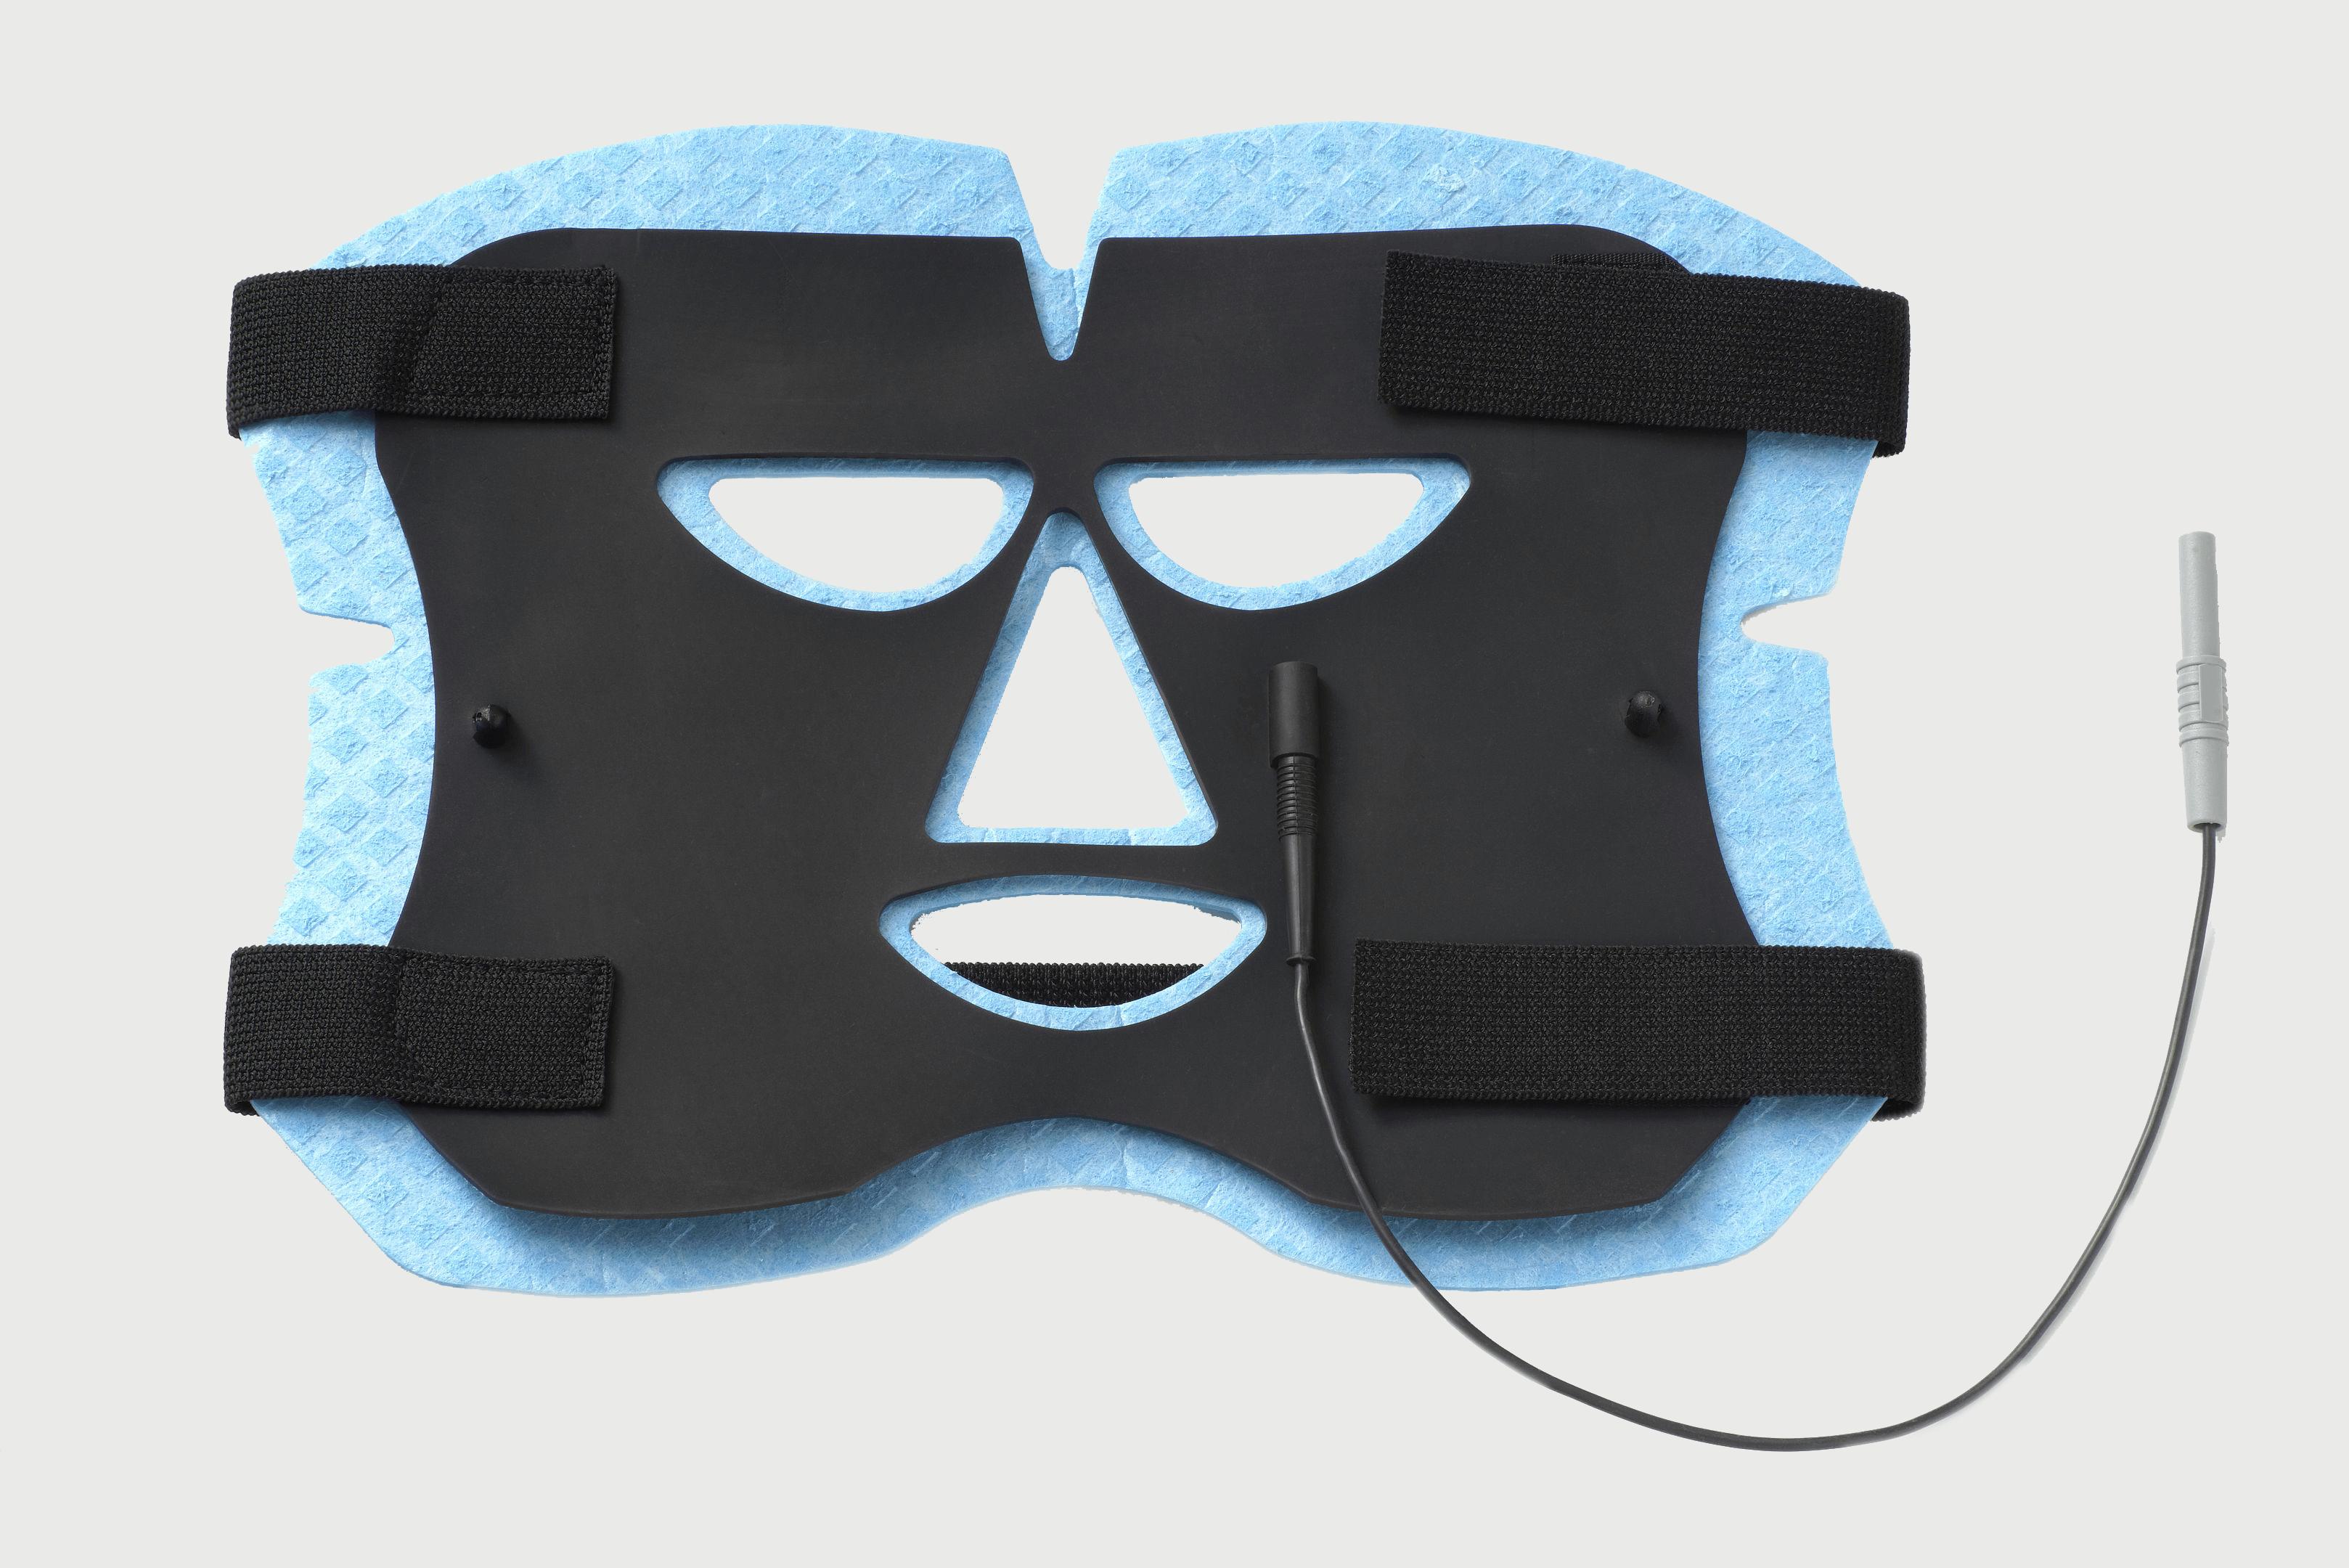 Gesichtsmaske HIDREX K